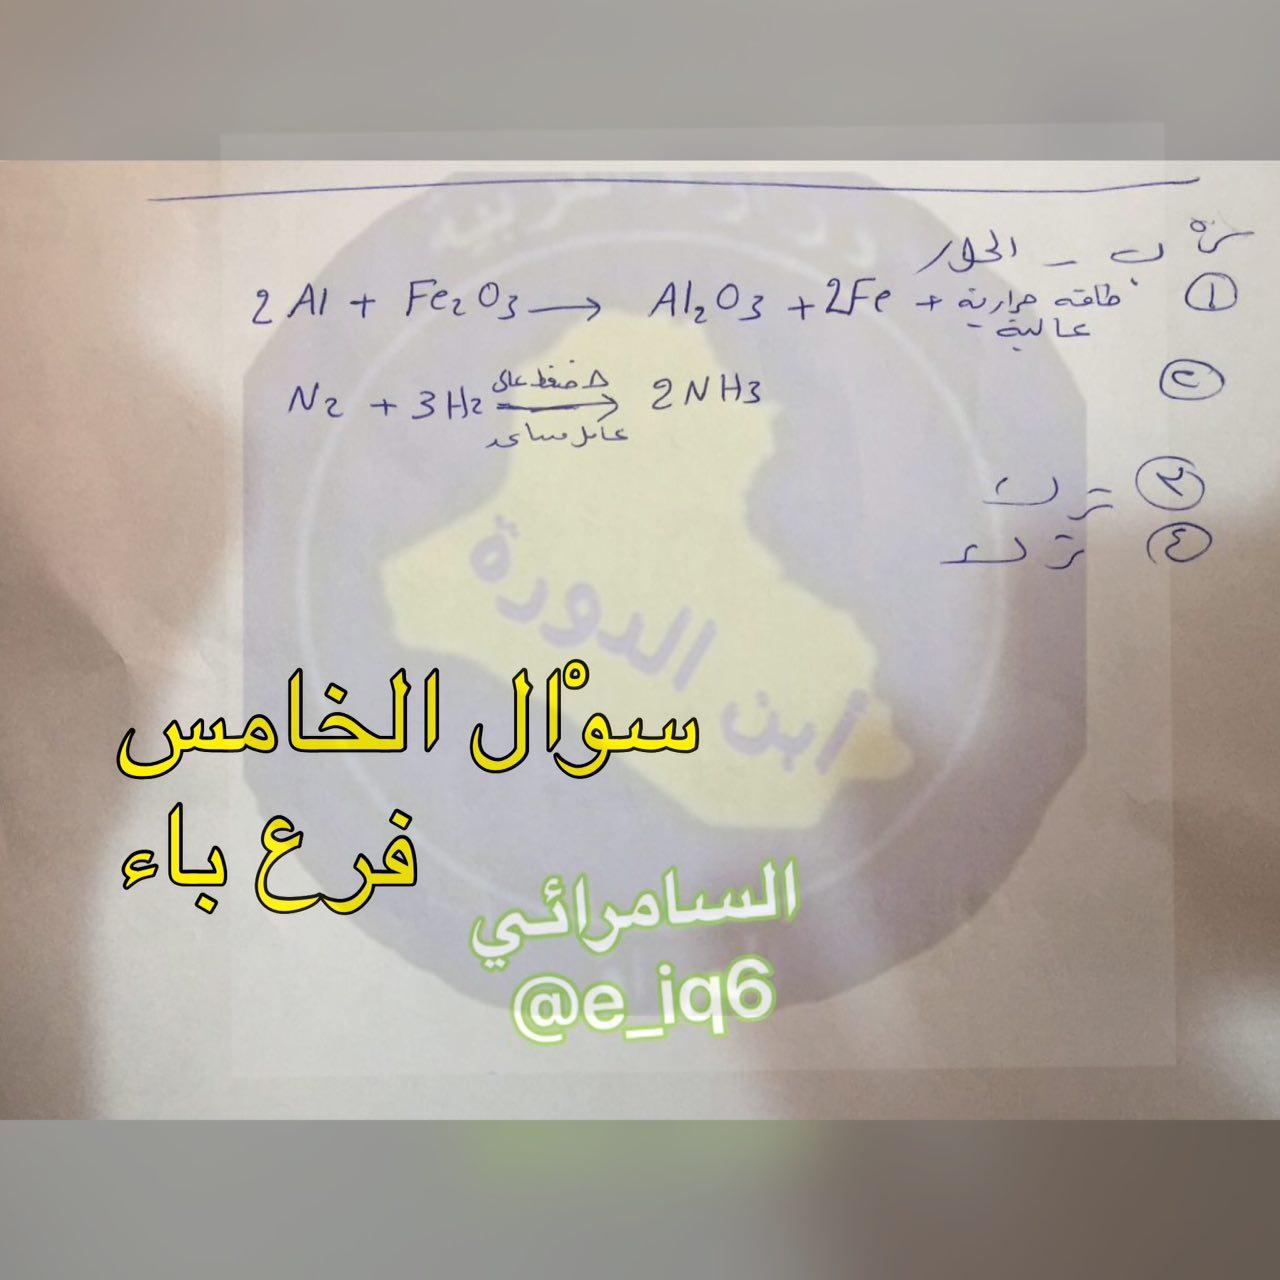 نموذج ورقة الكيمياء مع الحل للصف الثالث متوسط 2017 الدور الاول IMG_20170618_104849